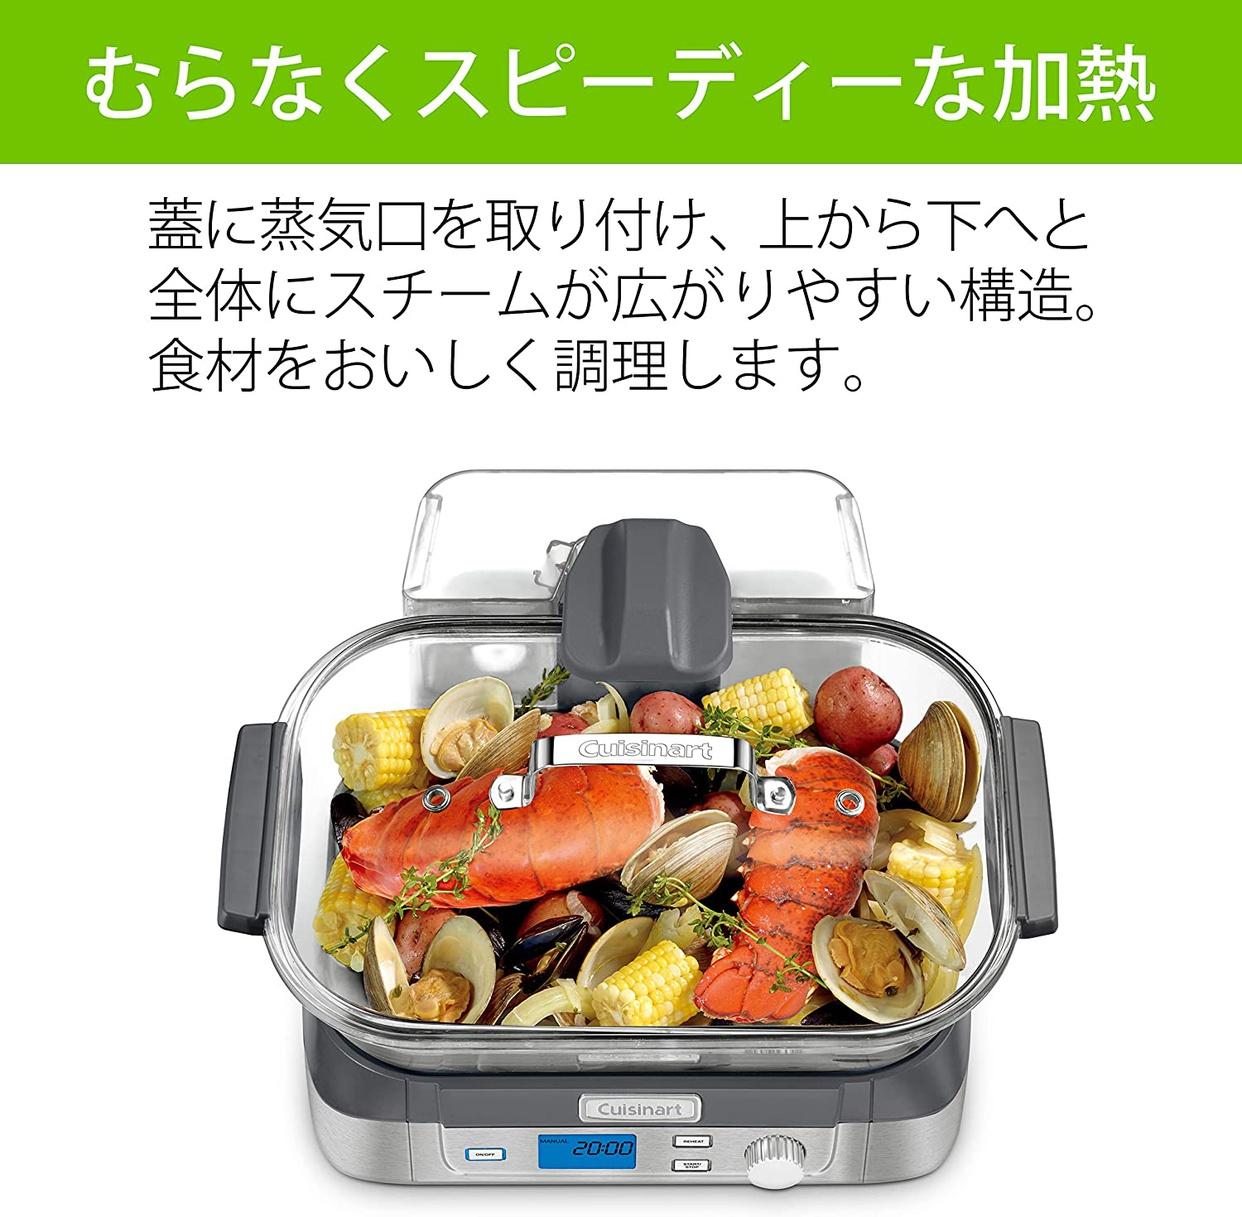 Cuisinart(クイジナート) ヘルシークッカー STM-1000Jの商品画像4